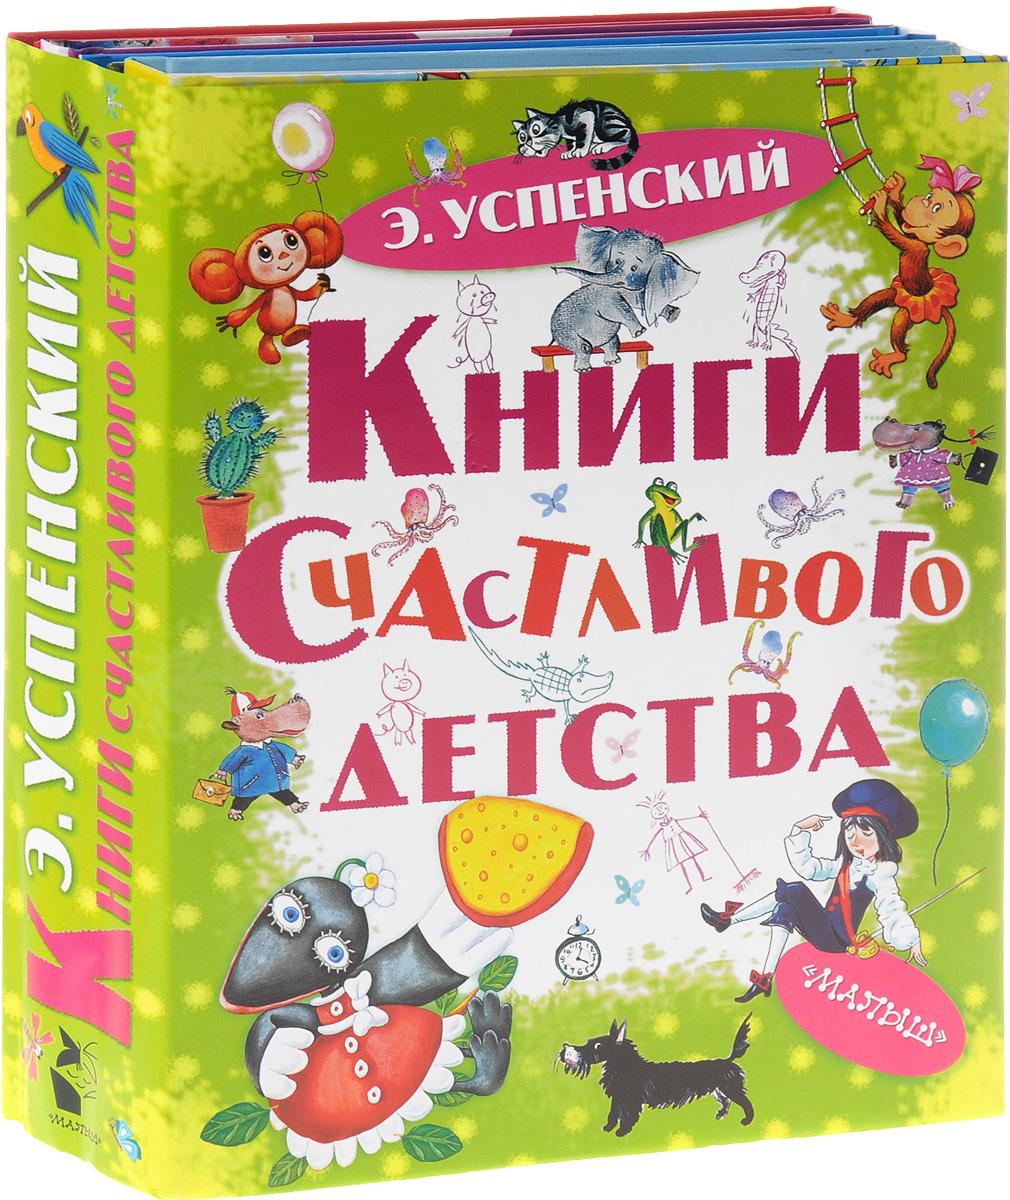 Книги счастливого детства (подарочный комплект из 4 книг) картины из истории детства знаменитых музыкантов